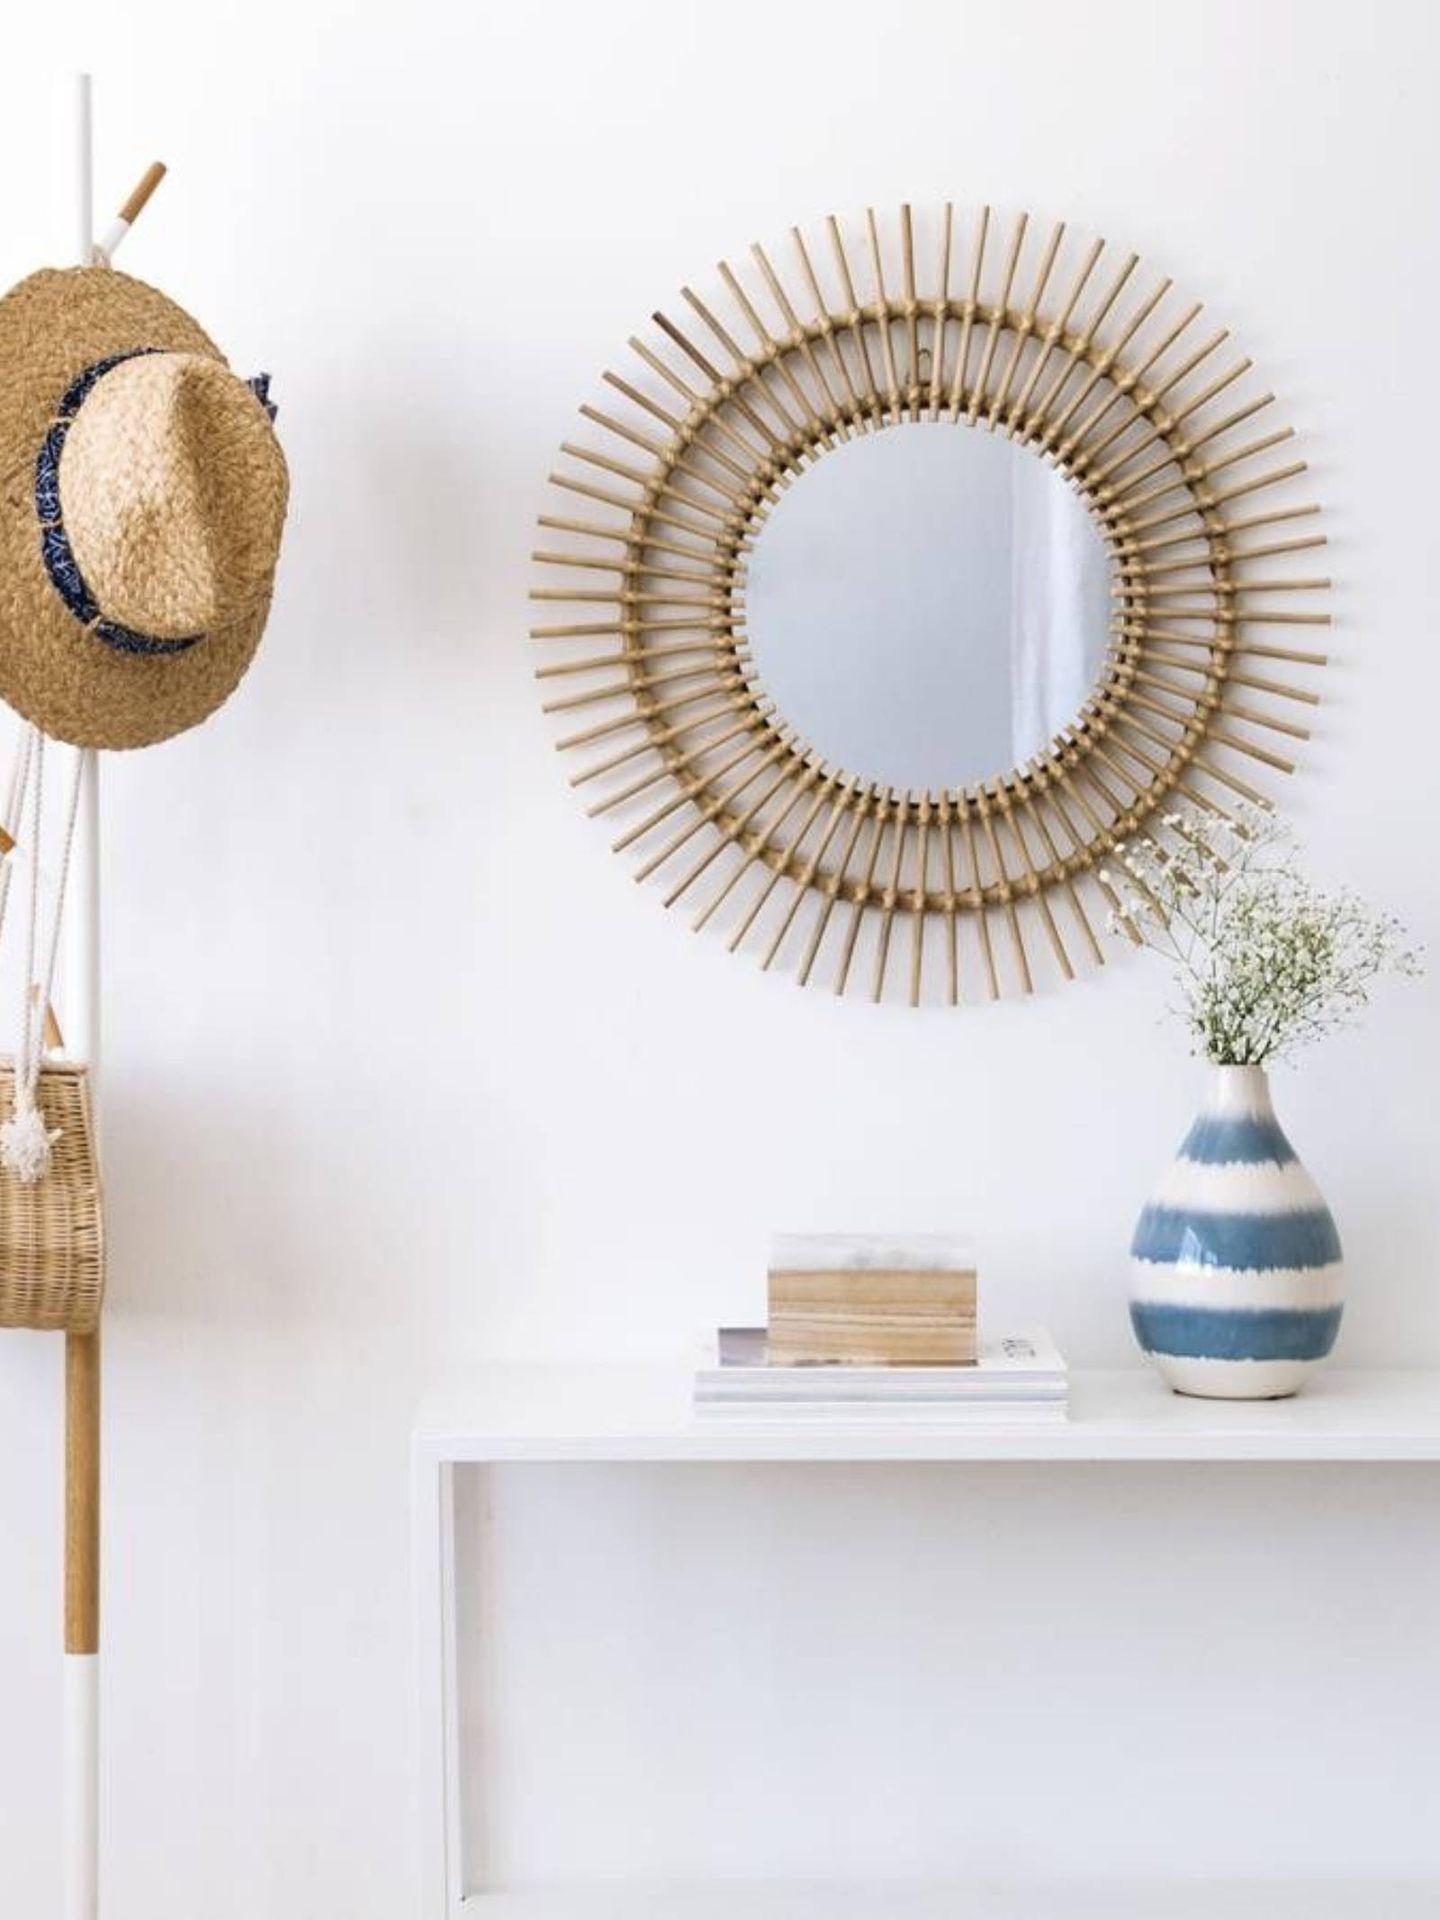 Apuesta por los espejos redondos de fibras naturales como este de Kenay Home. (Cortesía)